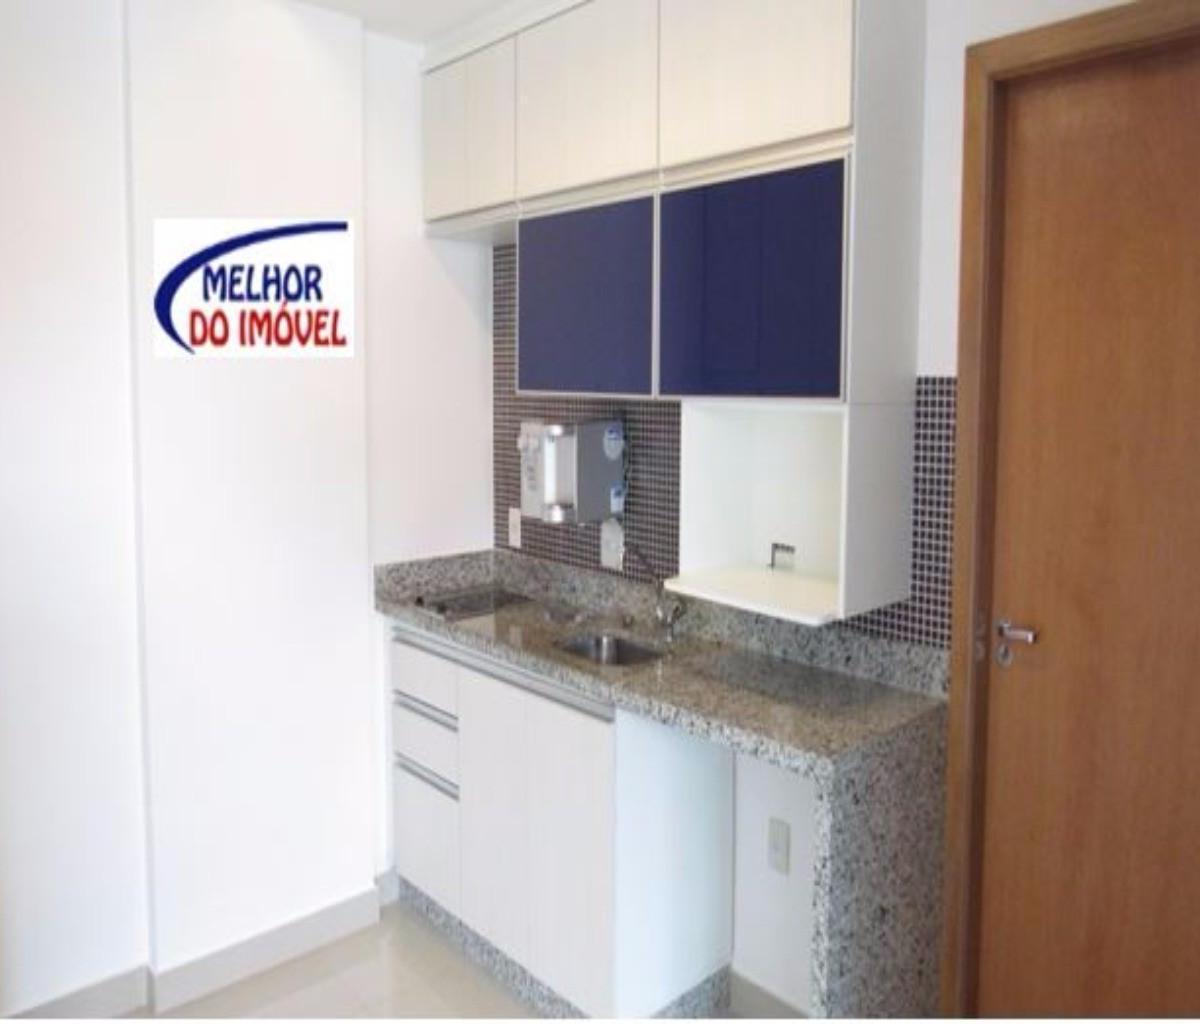 Imagens de #895E40 Apartamento à venda com 1 Quarto Asa Norte Brasília R$ 360.000  1200x1024 px 3560 Blindex Banheiro Asa Norte